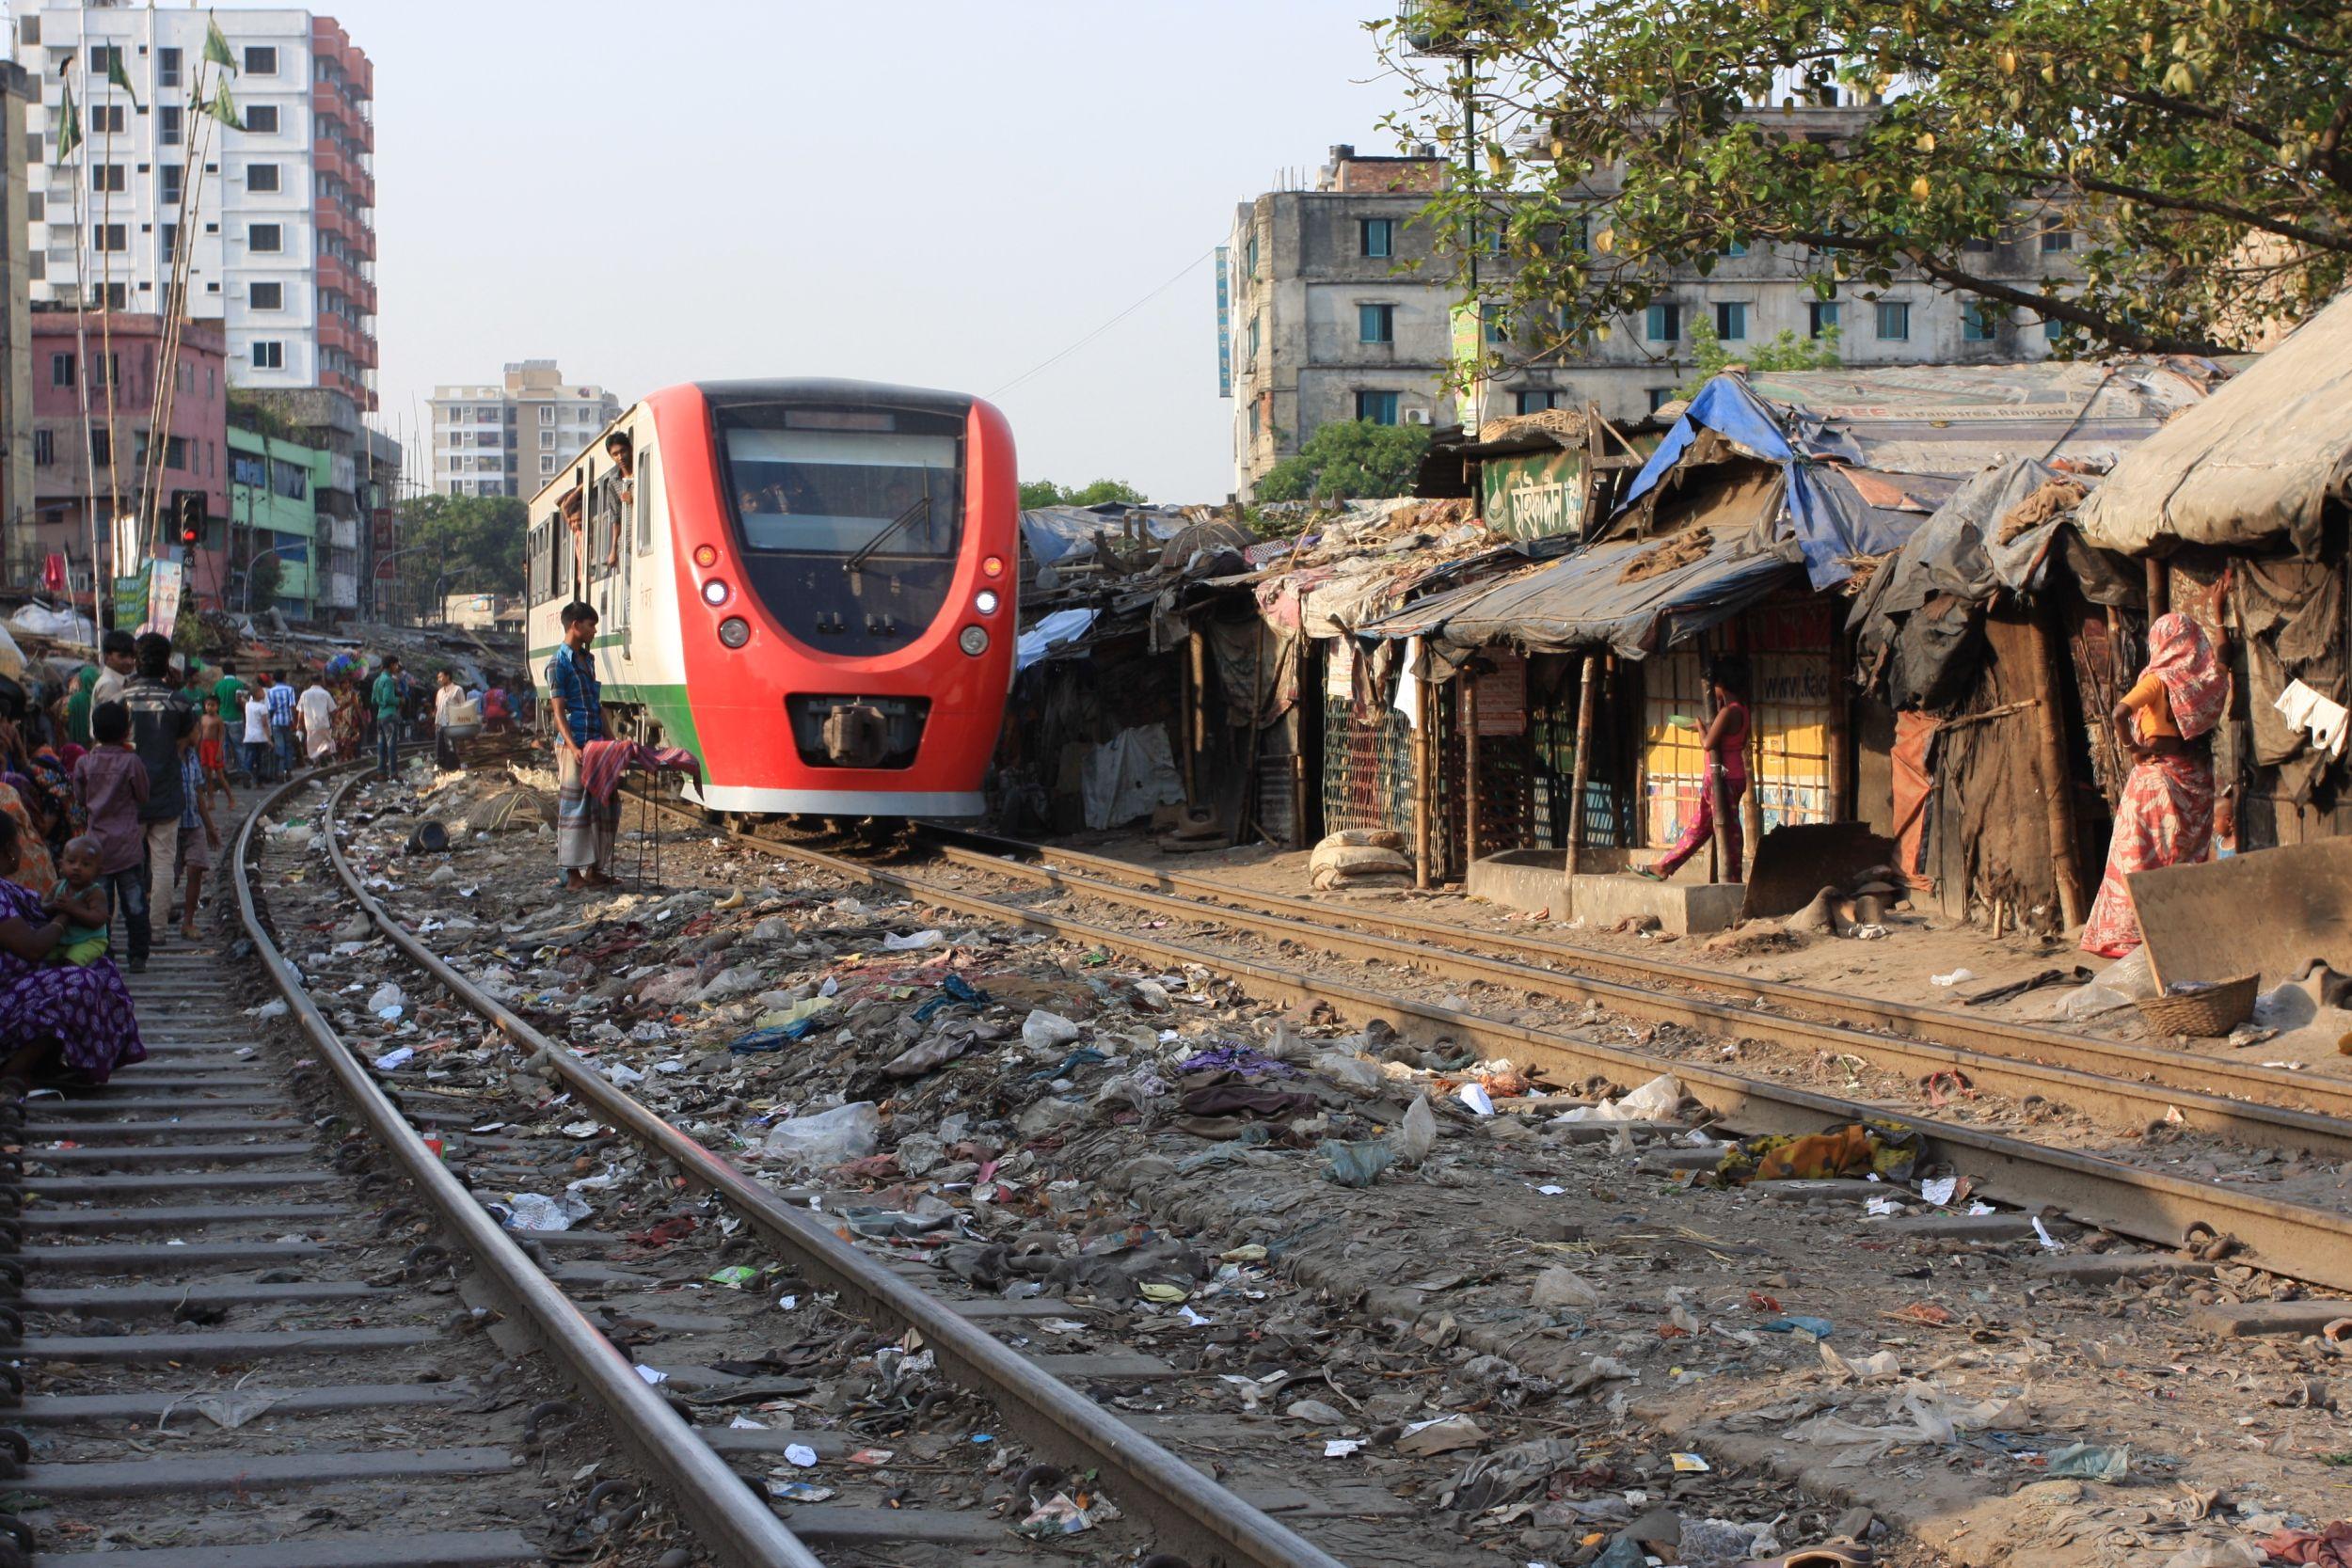 Na Wyspie jest ubóstwo. Prawdziwa bieda mieszka w Dhace przy torach kolejowych (fot. Marek Rabij)